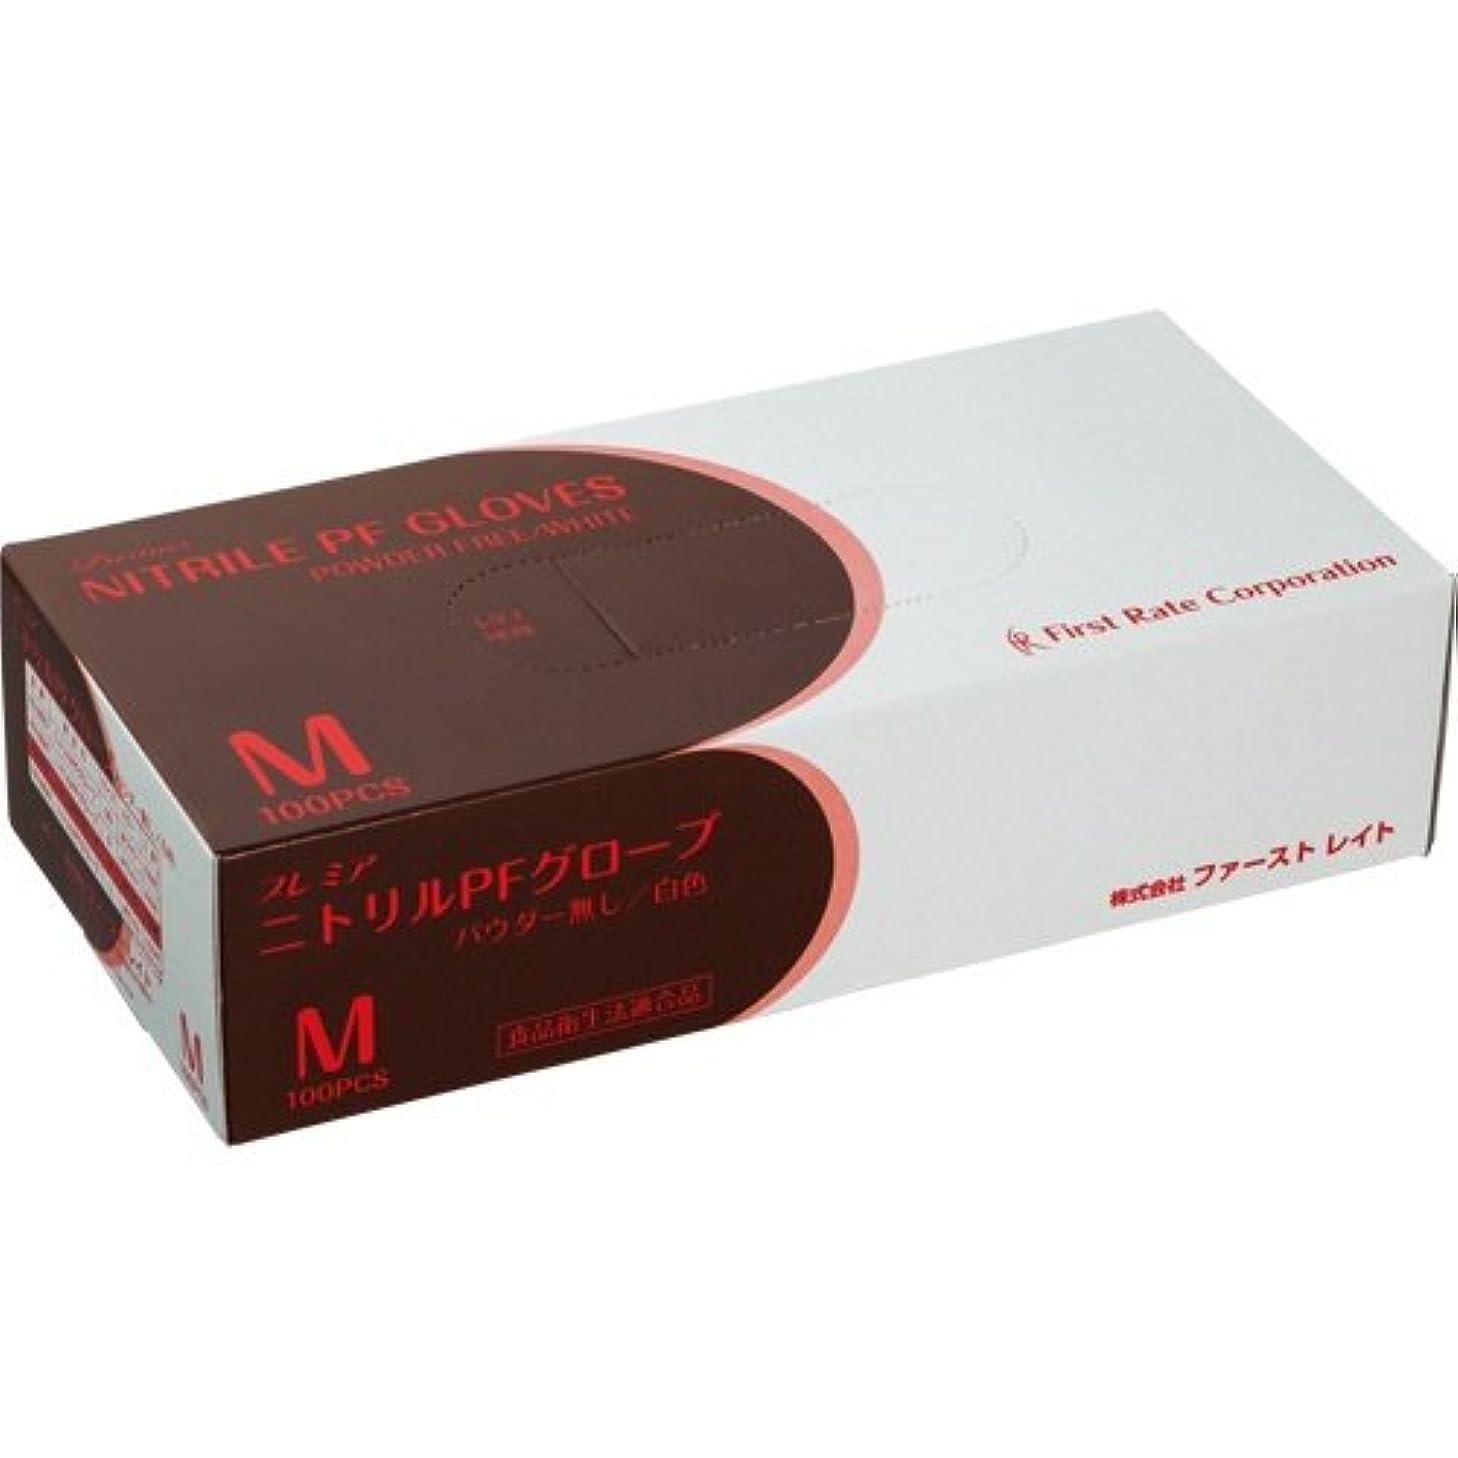 柔和ナビゲーション供給ファーストレイト プレミアニトリルPFグローブ パウダーフリー ホワイト M FR-857 1セット(1000枚:100枚×10箱)